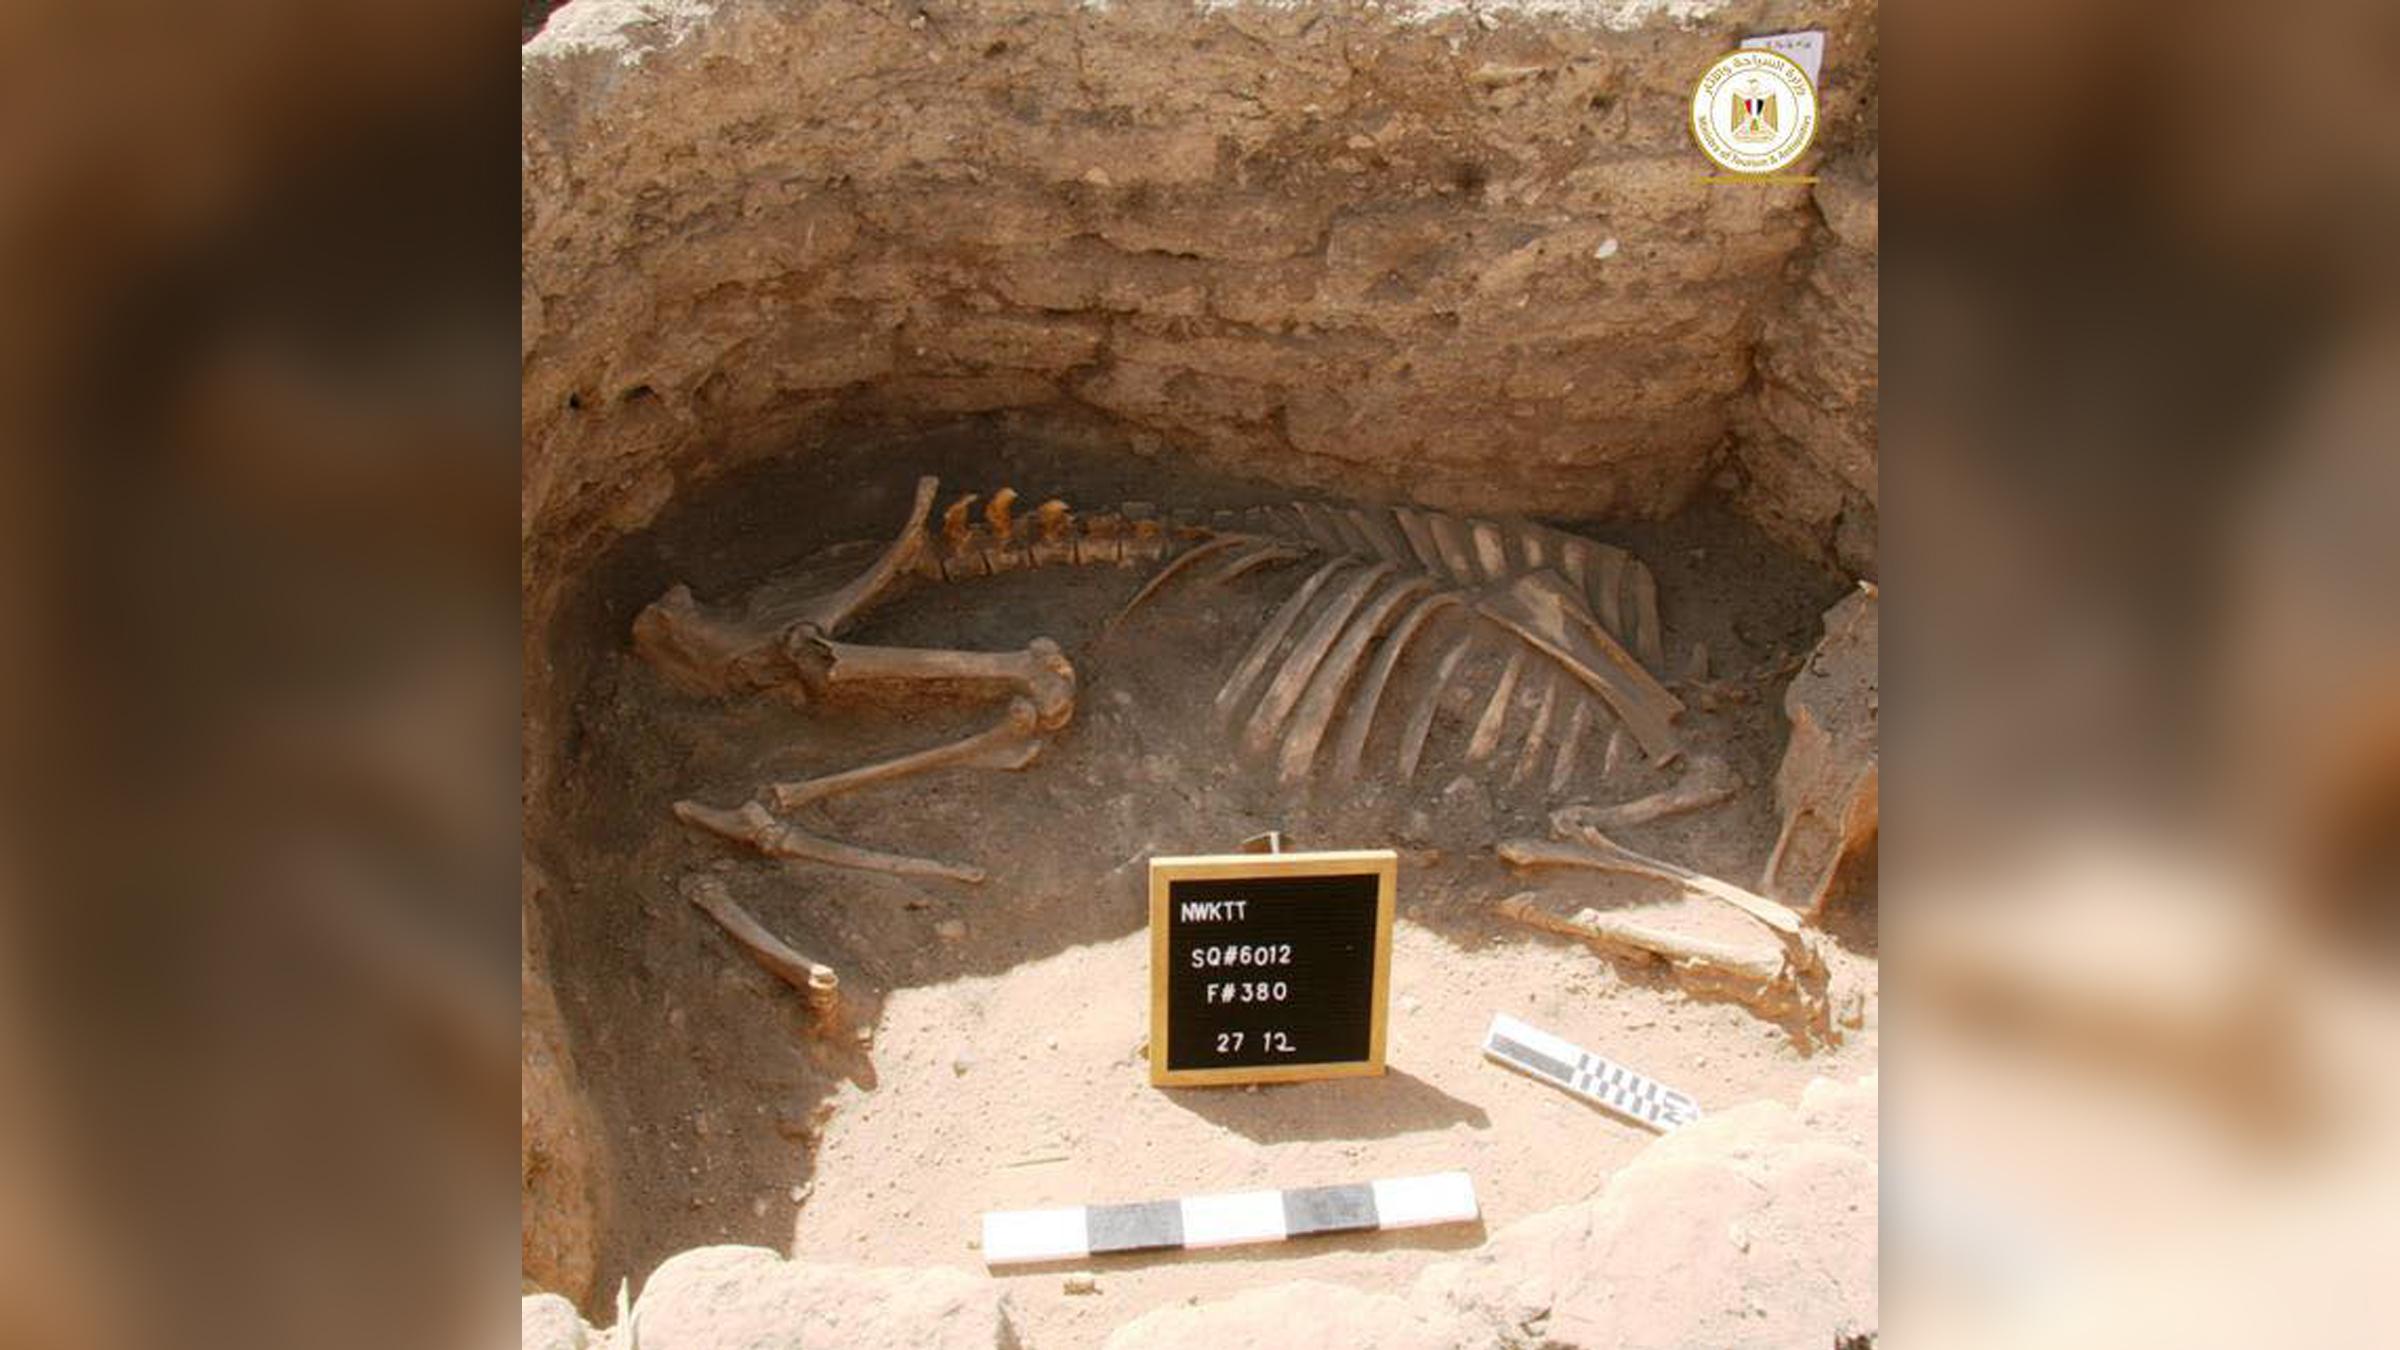 On ne sait pas pourquoi les restes d'une vache ou d'un taureau ont été enterrés dans la cité dorée perdue.